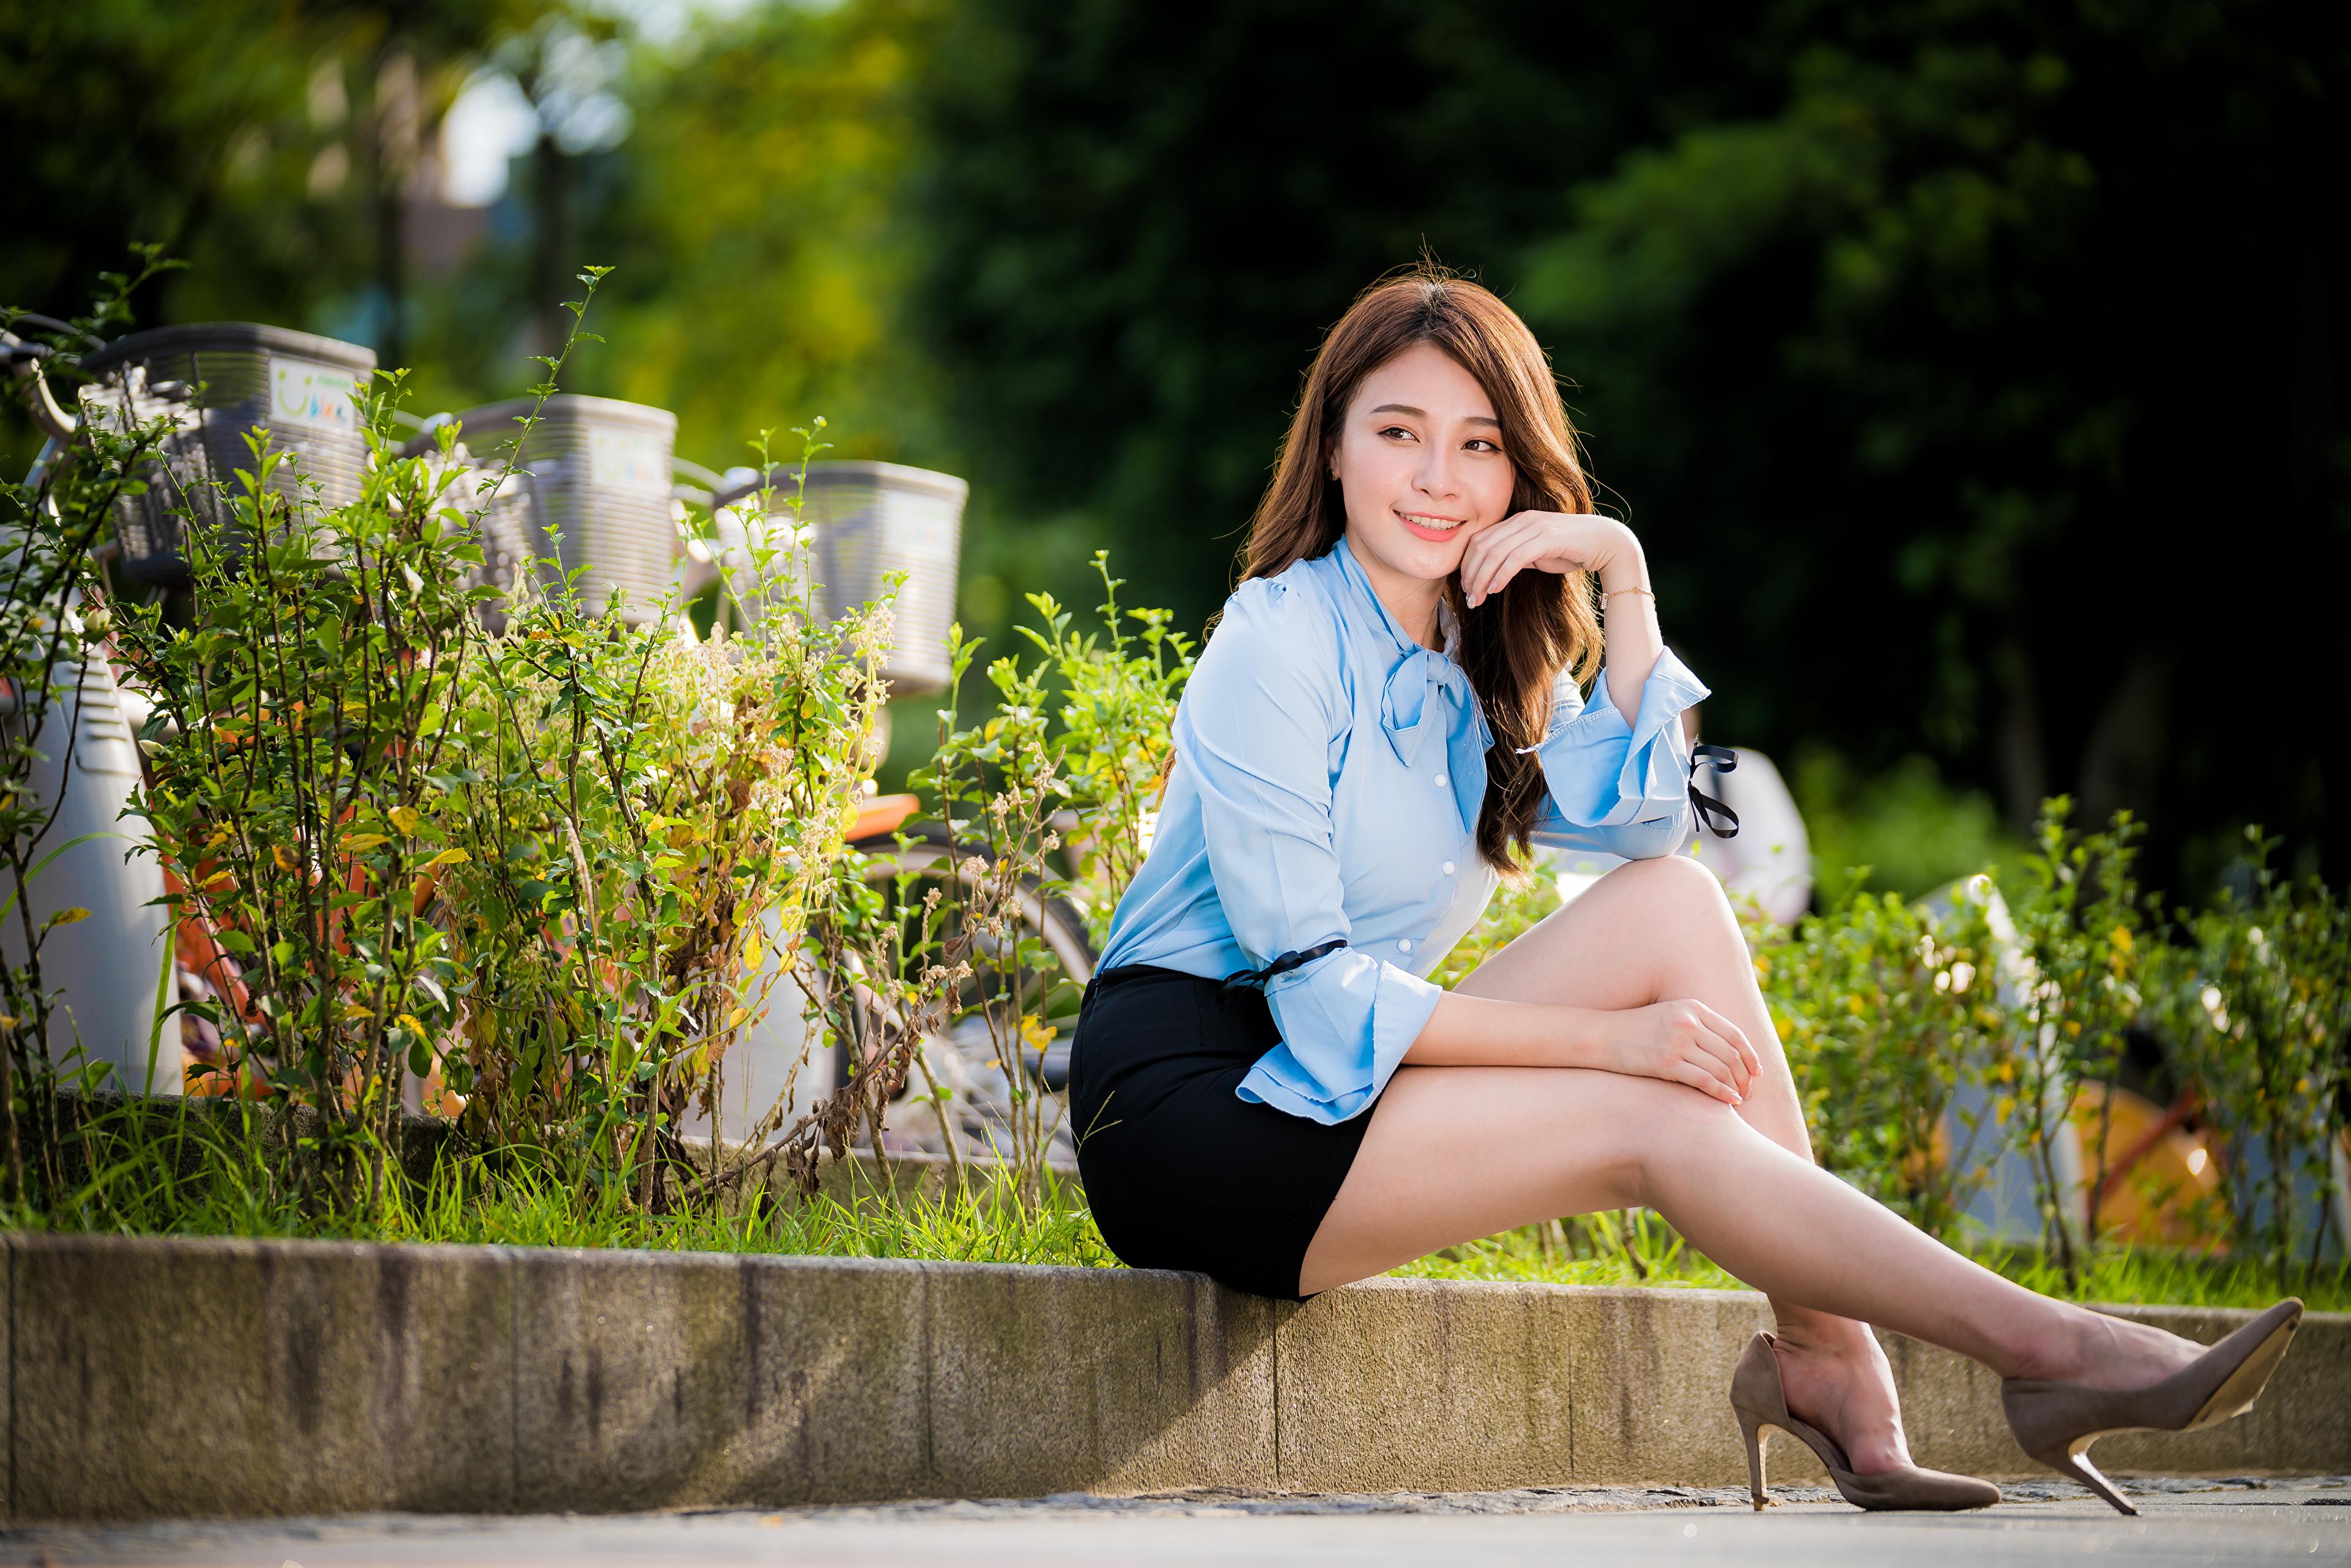 Фотографии Юбка Блузка девушка Ноги азиатки сидя смотрит 3840x2561 юбки юбке Девушки молодая женщина молодые женщины ног Азиаты азиатка Сидит сидящие Взгляд смотрят